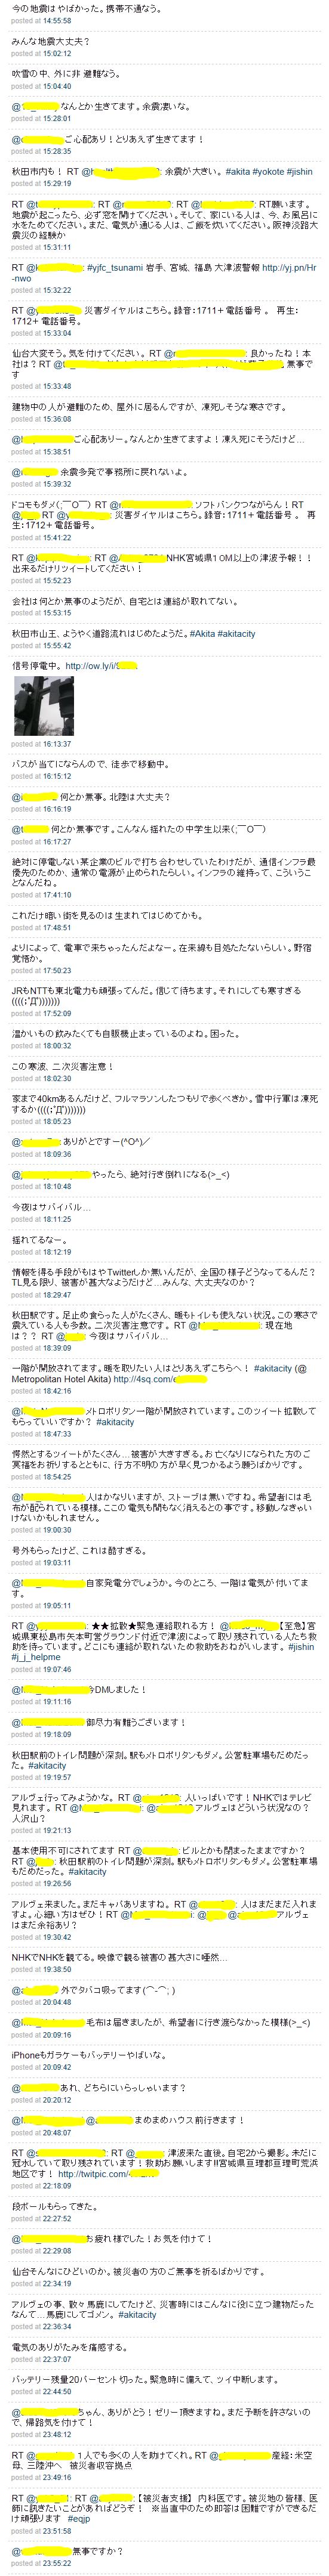 3/11震災直後のツイート